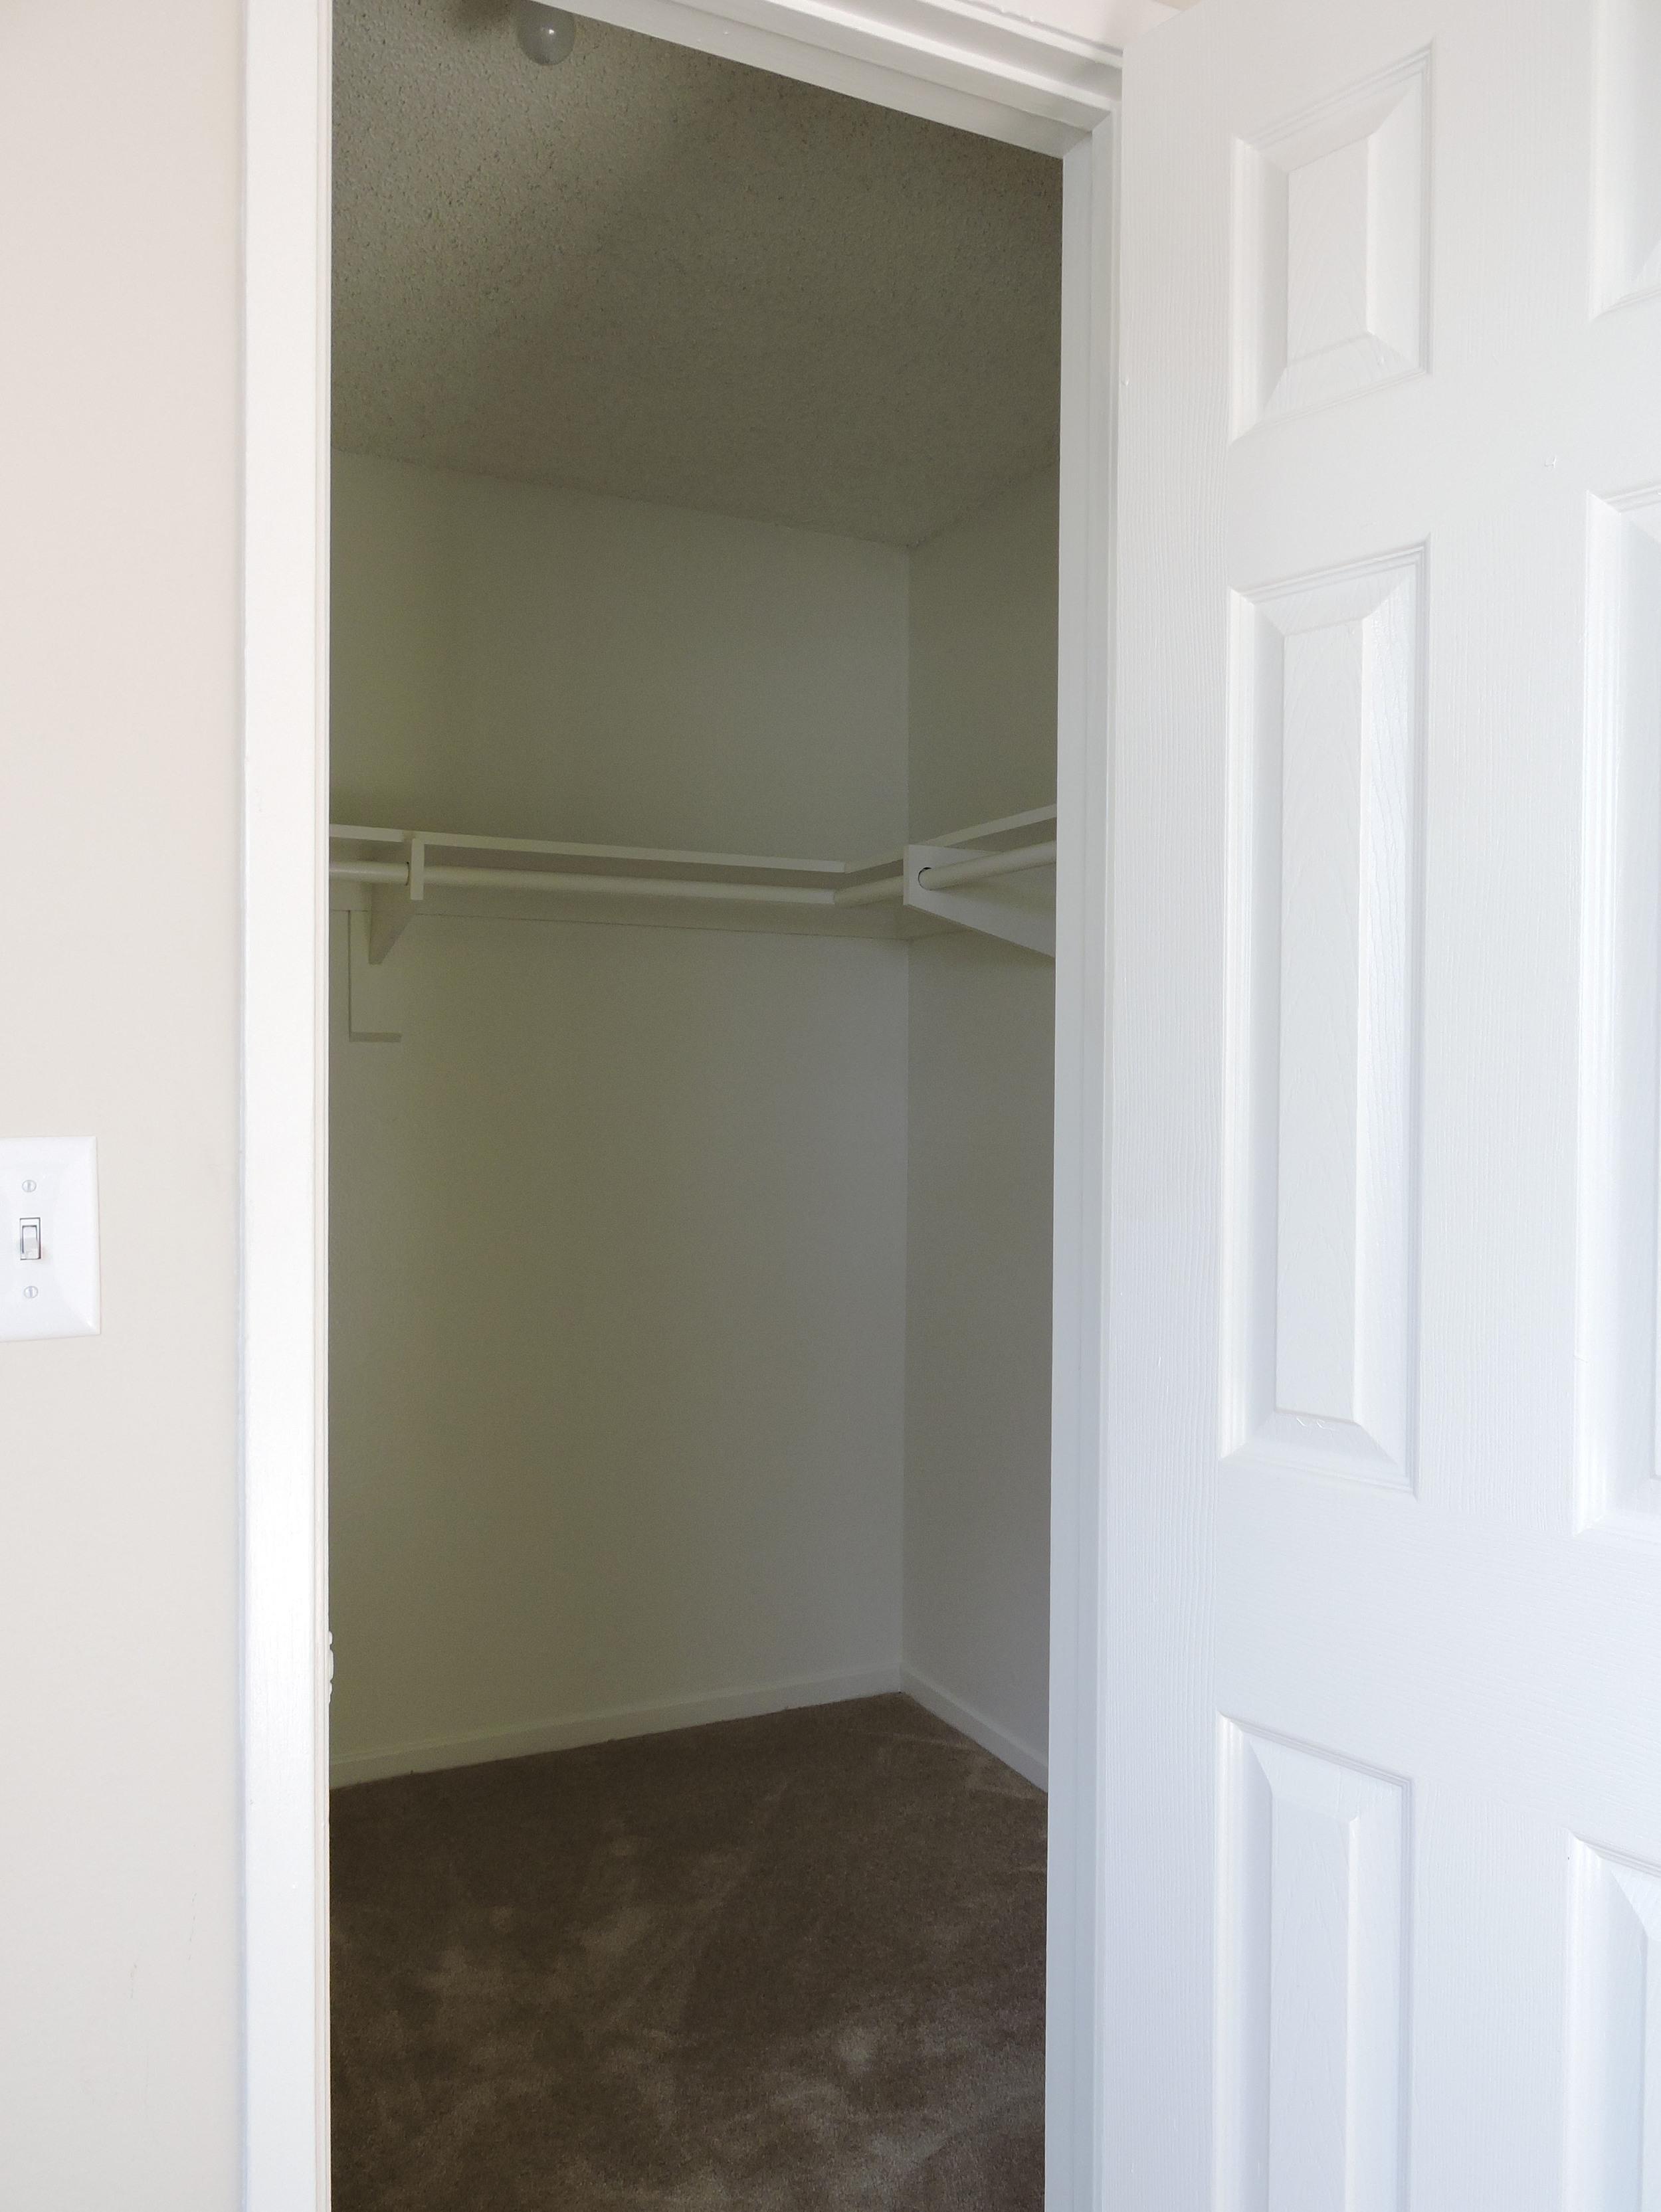 233 2nd bedroom walk in closet2.jpg